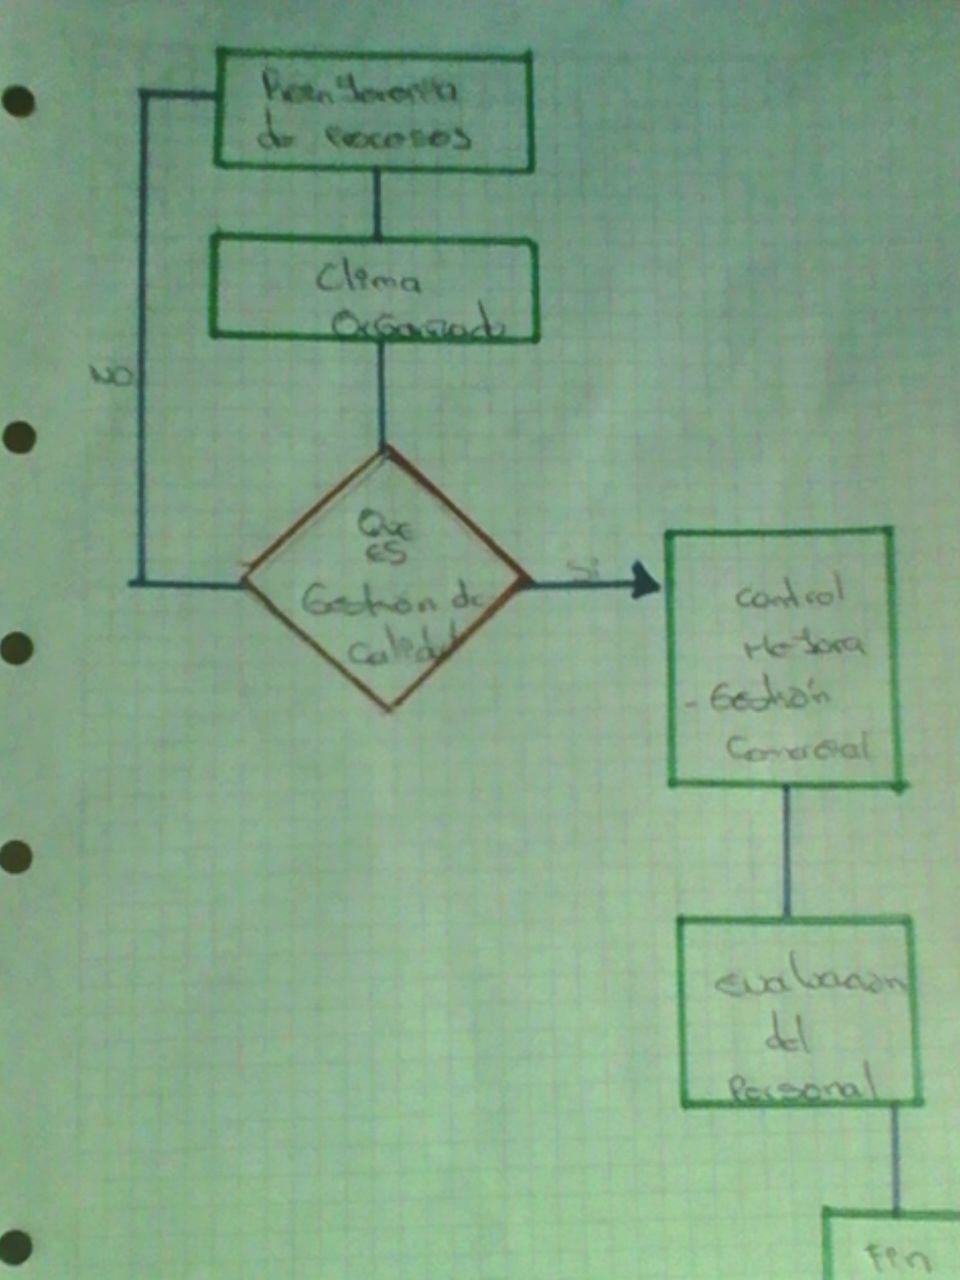 Descripcion de hotel sopas de letras mapa de proceso y diagrama de diagrama de flujo ccuart Gallery